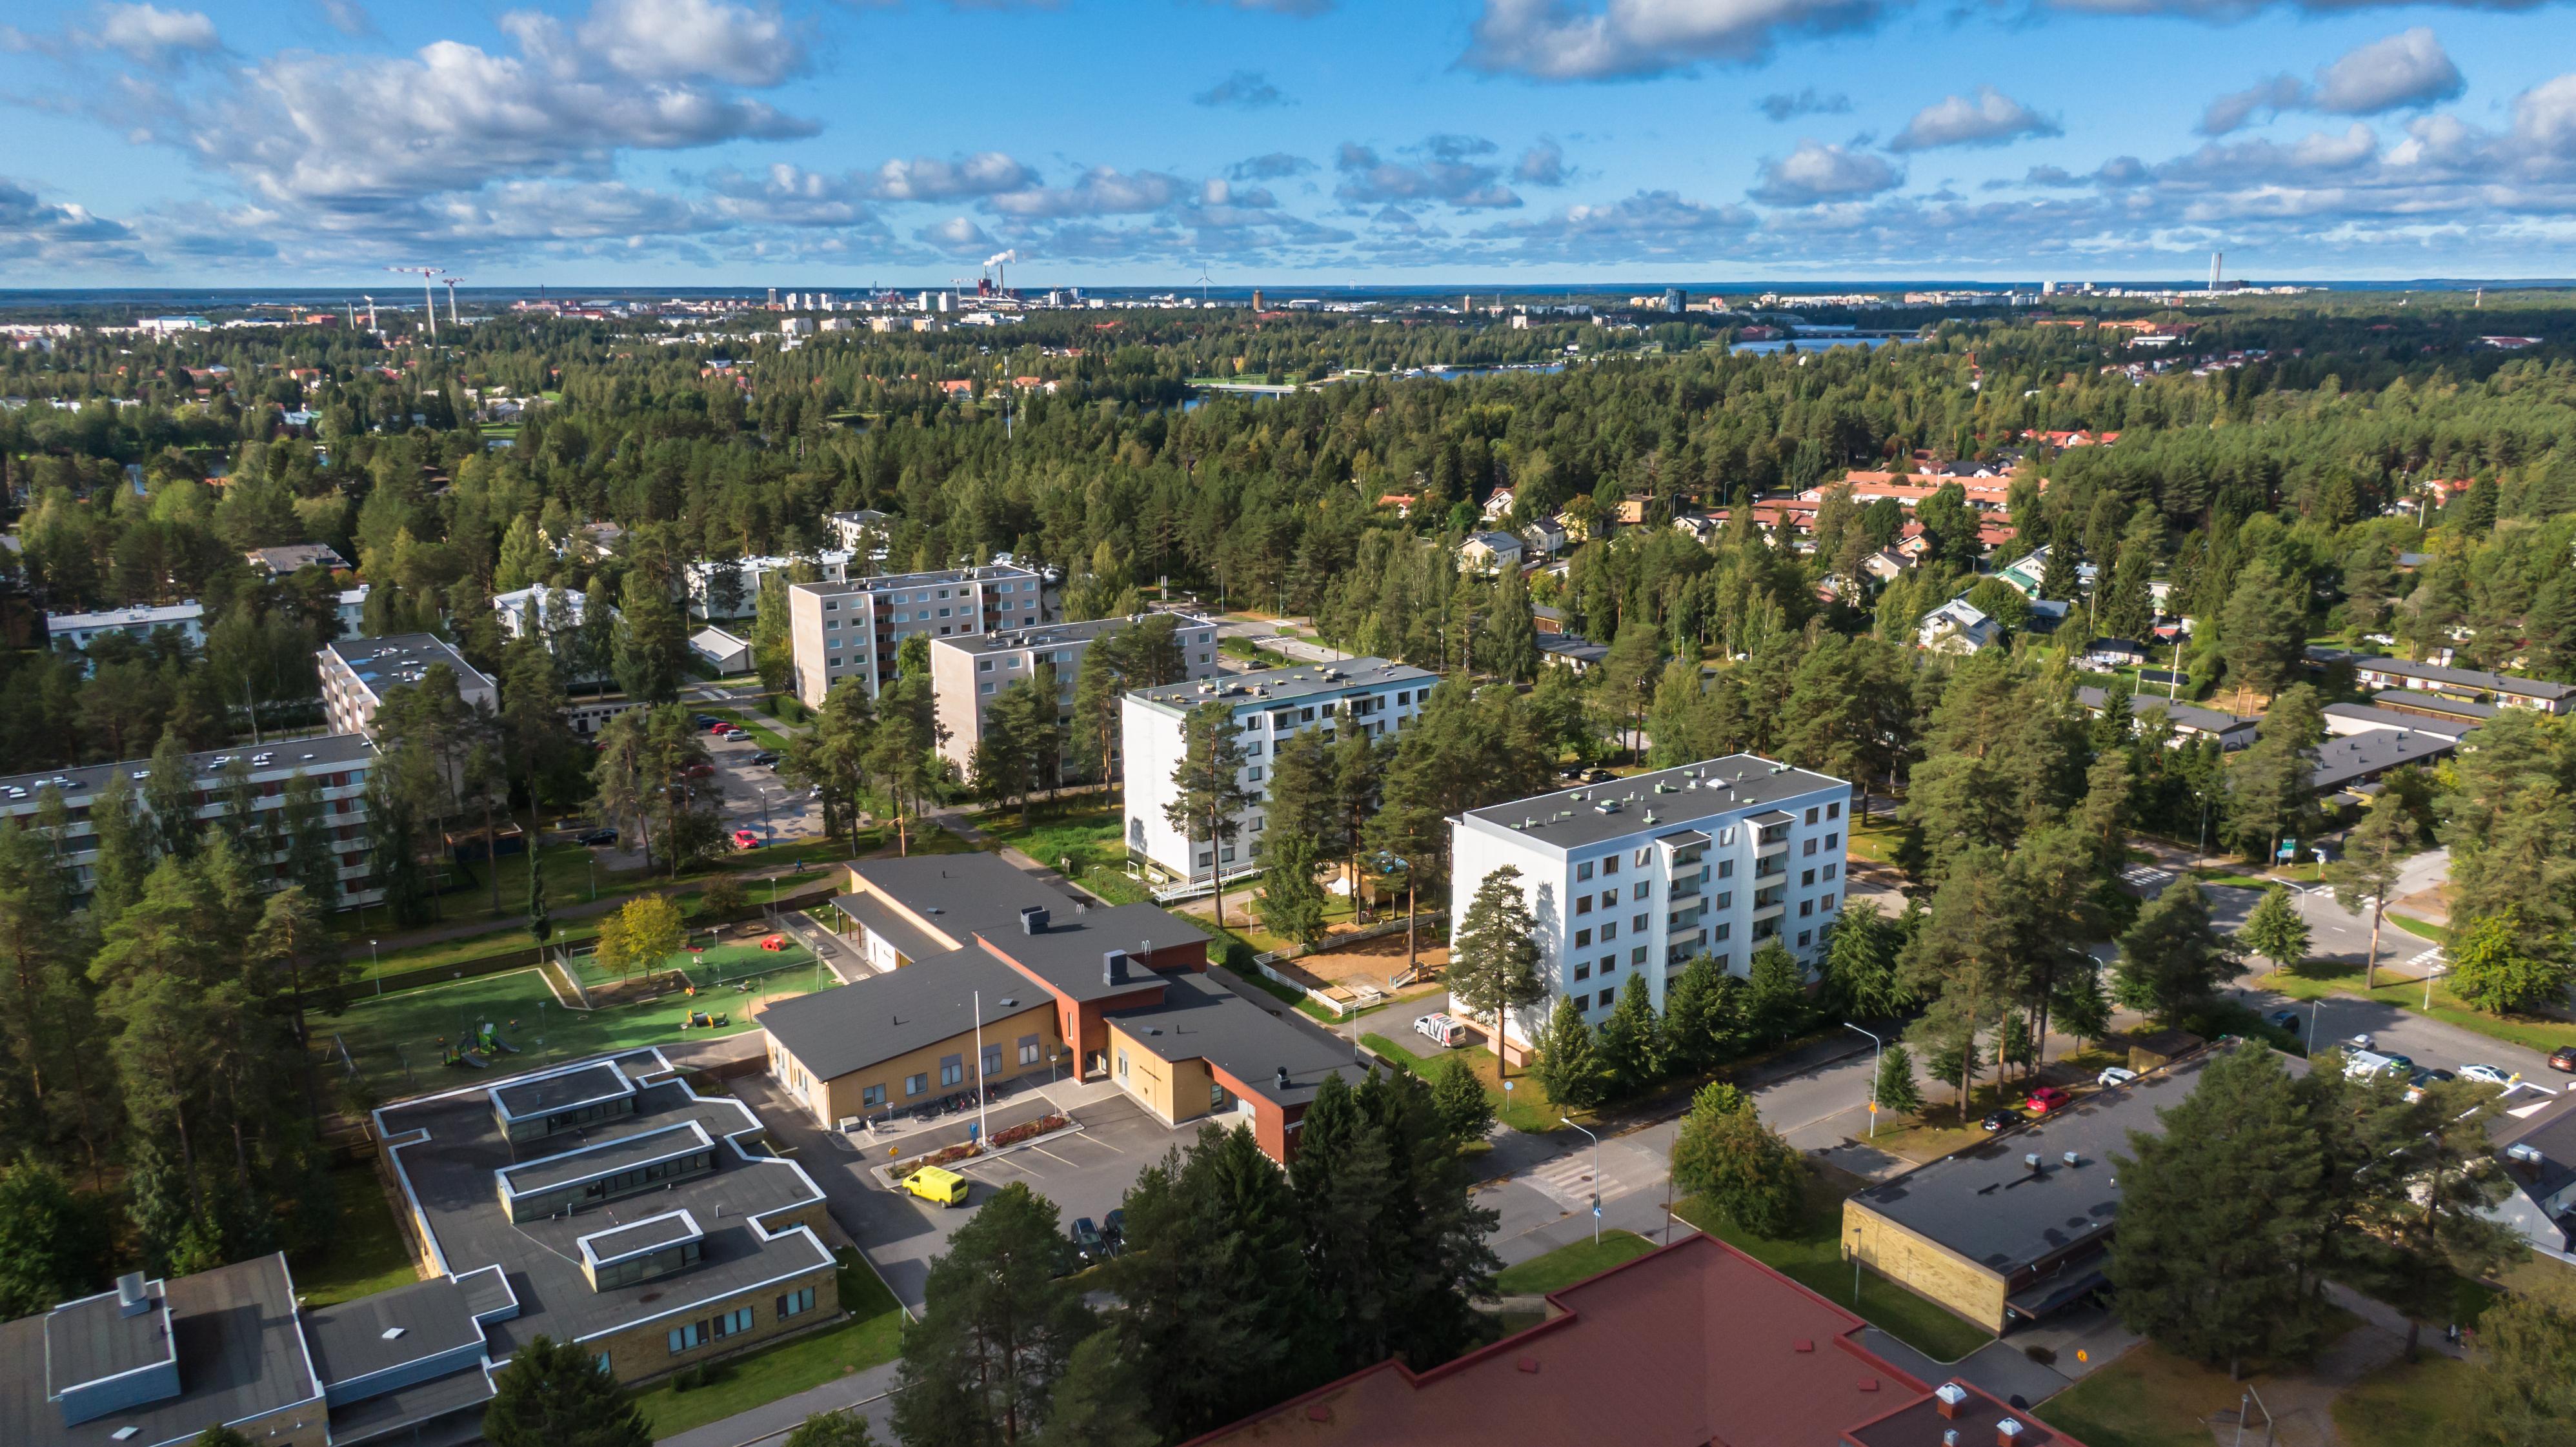 Ilmasta otettu kuva Oulun Myllyojan asuinalueesta. Valkoisia kerrostaloja kaupunkilähiössä.